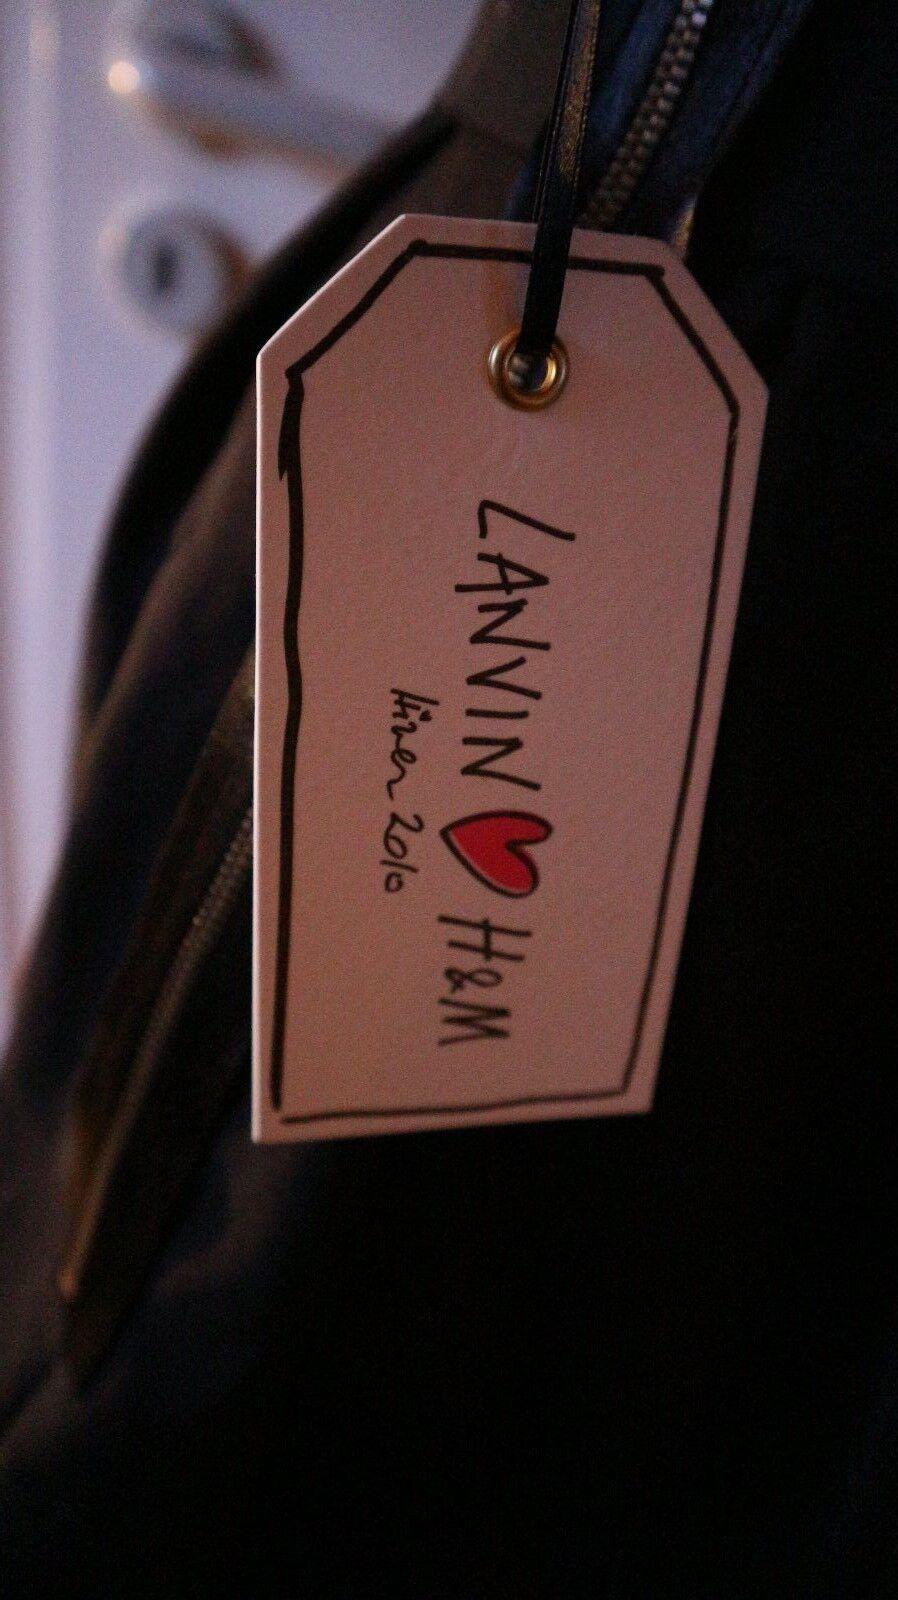 LANVIN LANVIN LANVIN  for H&M Luxus- Party Kleid  One Shoulder Dress Tulip Schwarz Gr.38 Neu 8834e9